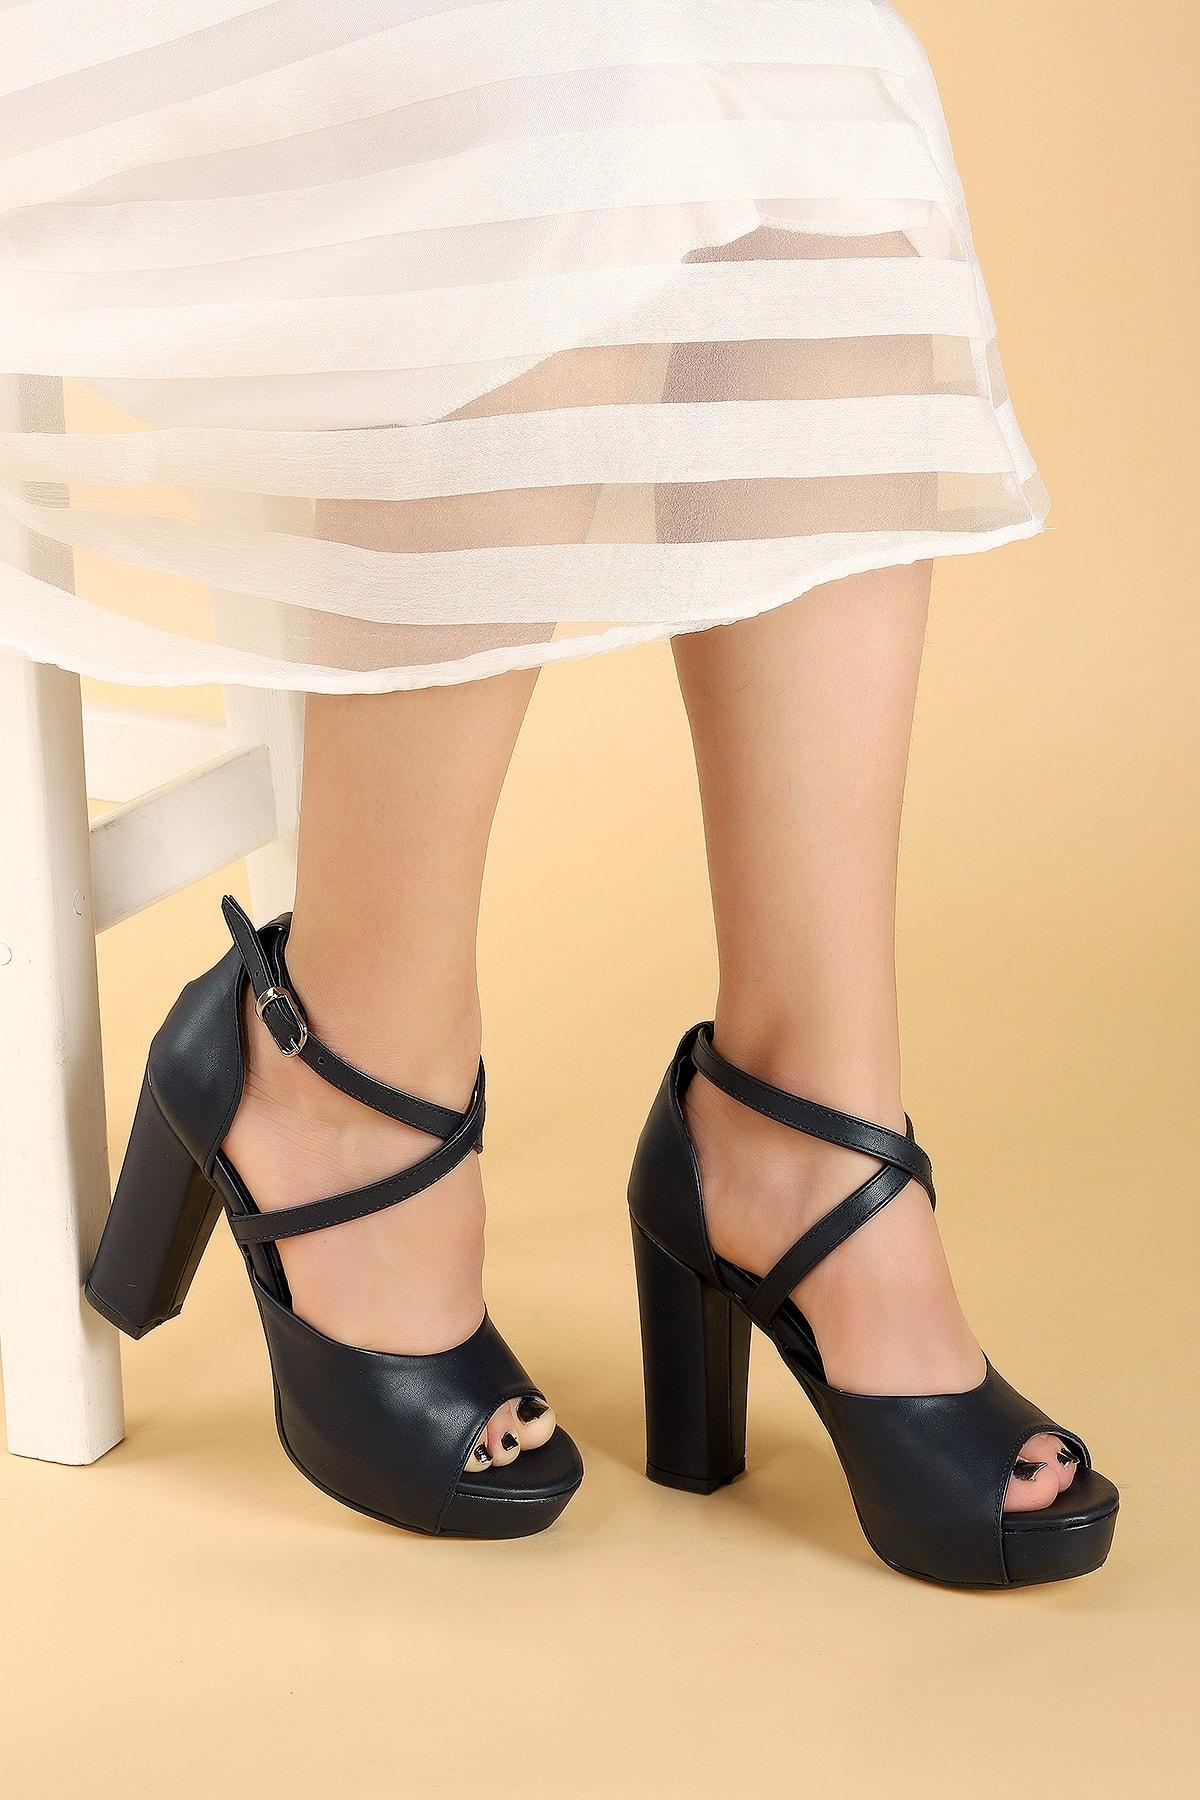 Ayakland Kadın Cilt Abiye 11 Cm Platform Topuk Sandalet Ayakkabı 2